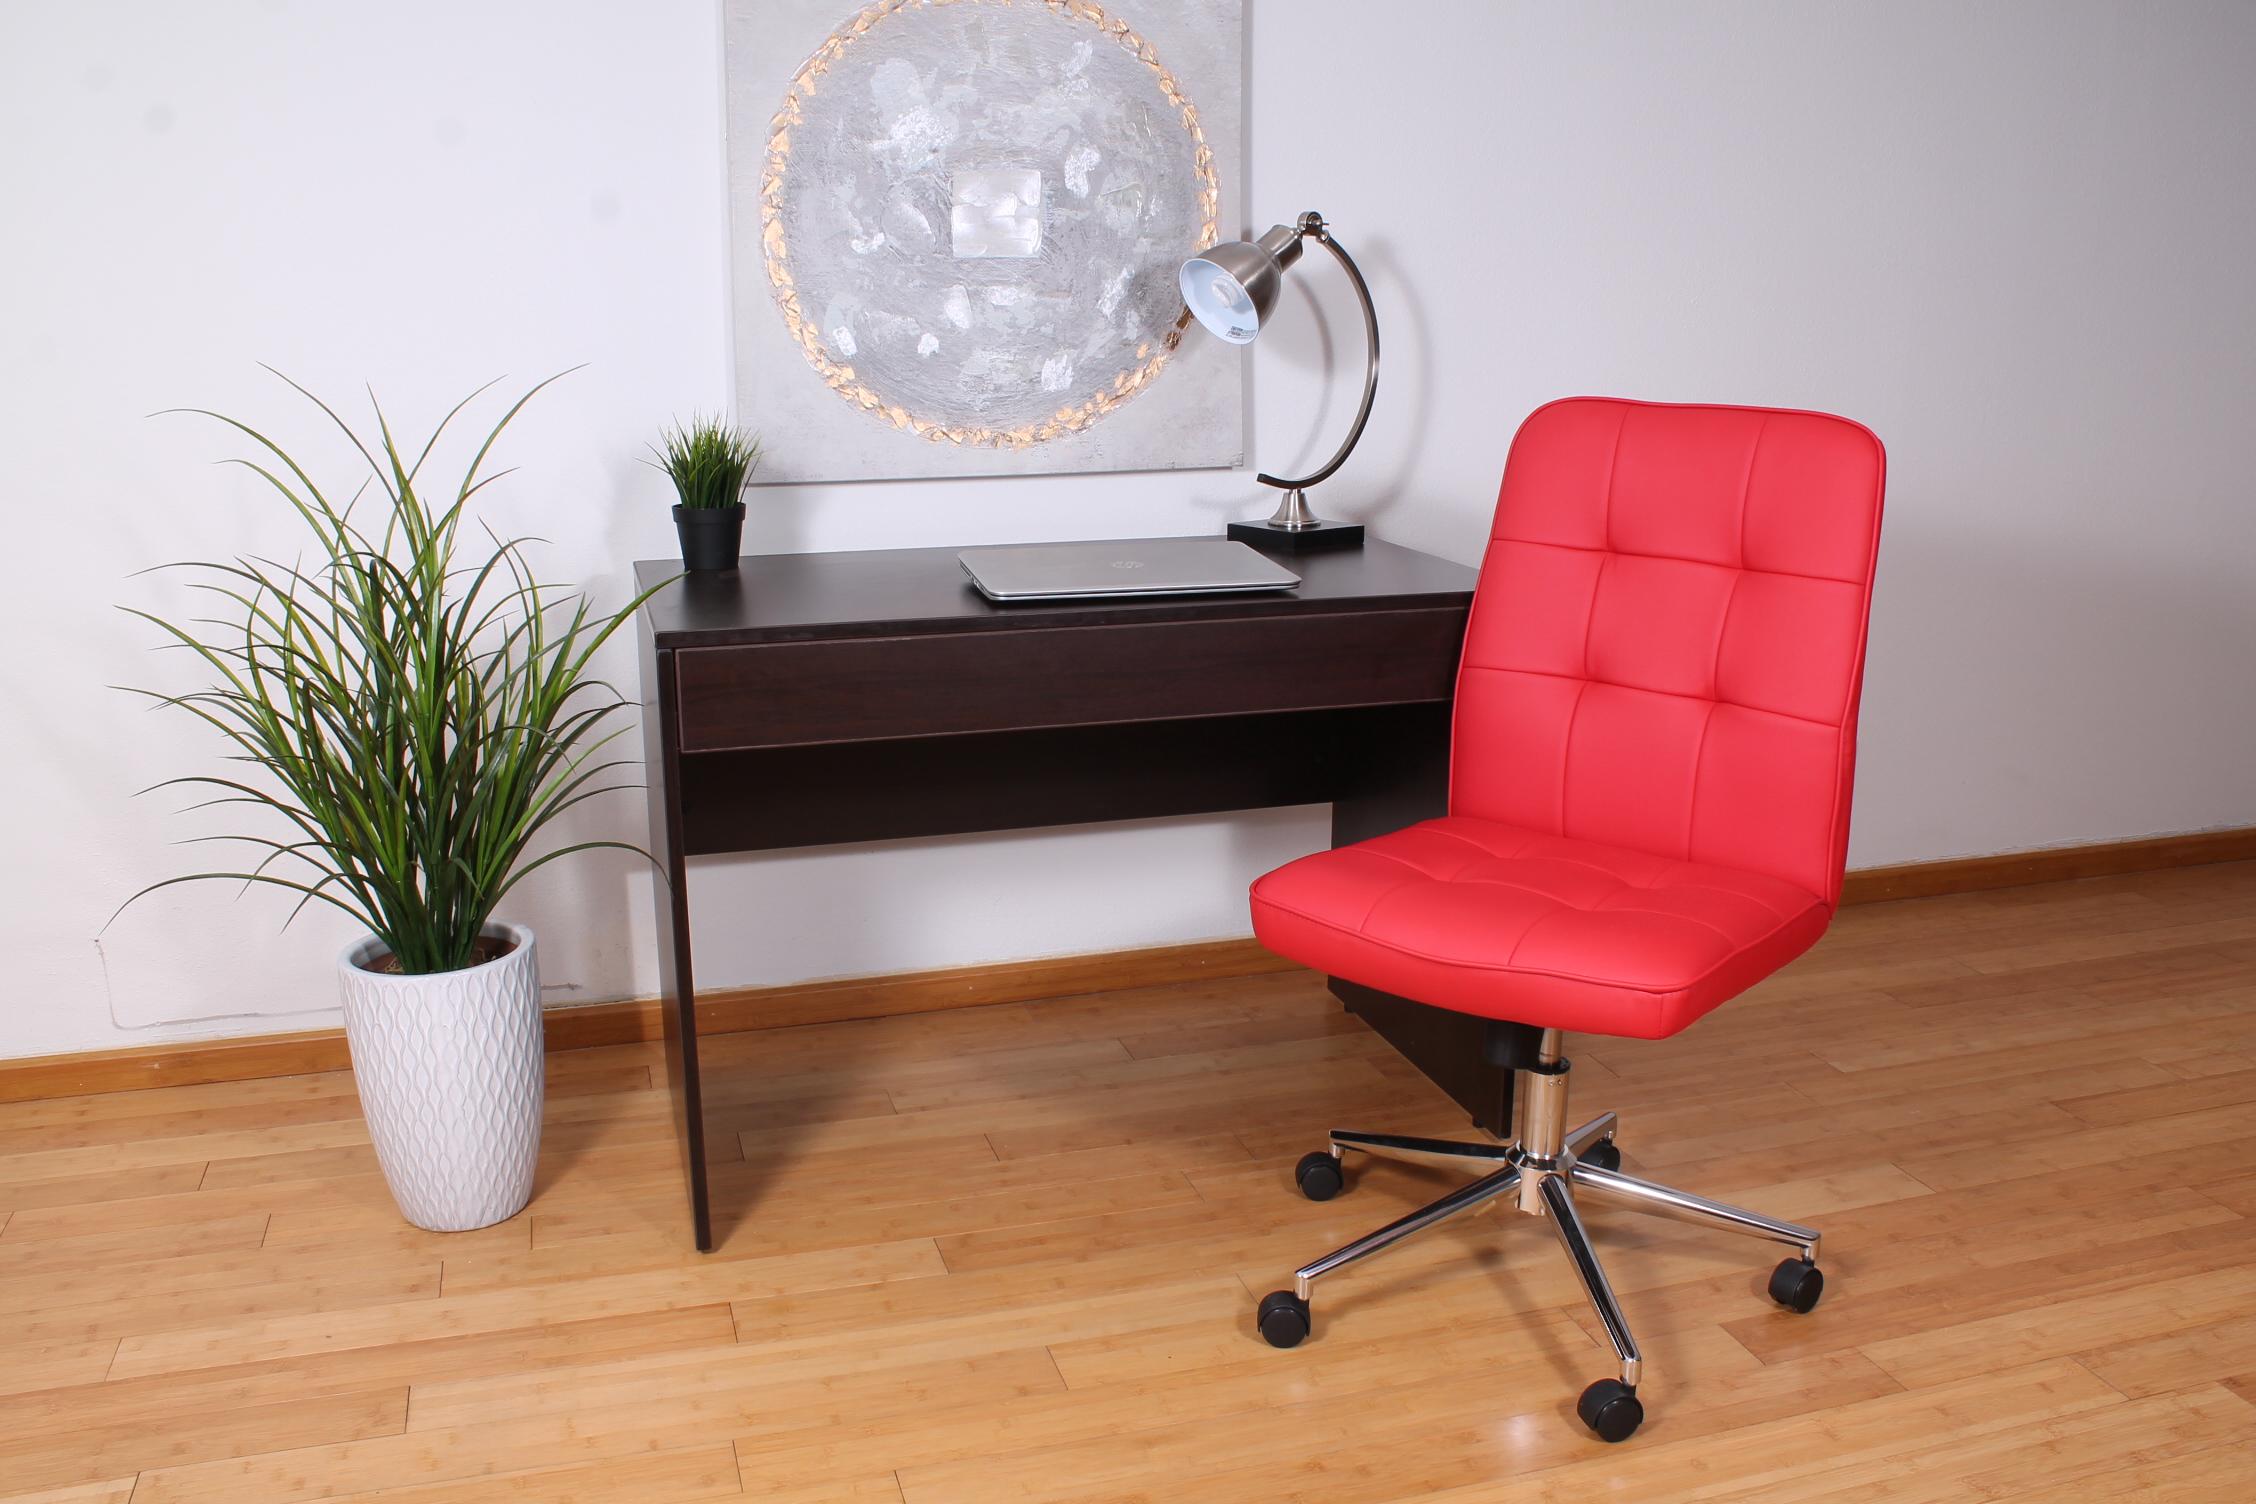 red office chair no wheels covers in target boss millennial modern home  bosschair